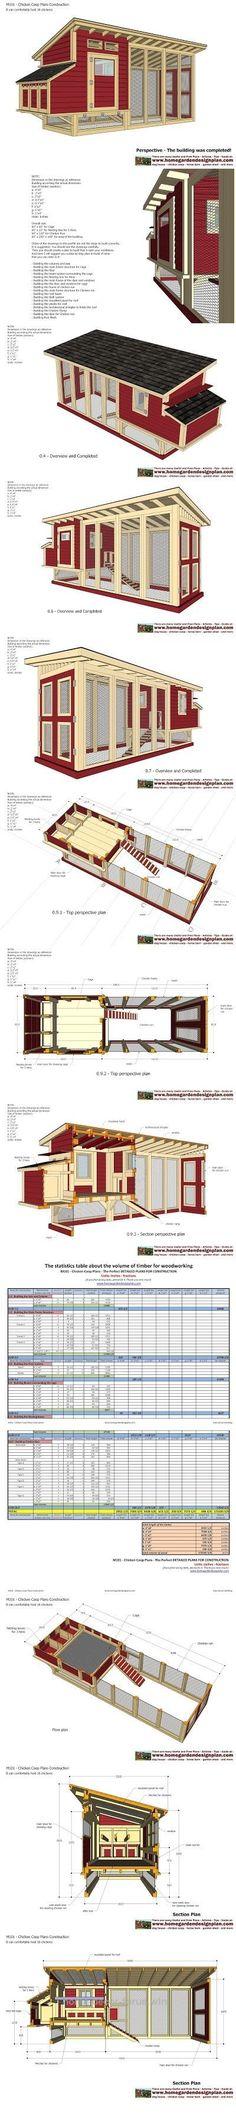 Splendid home garden plans: M101 – Chicken Coop Plans Construction – Chicken Coop Design – How To Build A Chicken Coop The post home garden plans: M101 – Chicken Coop Plans Construction – Chic ..